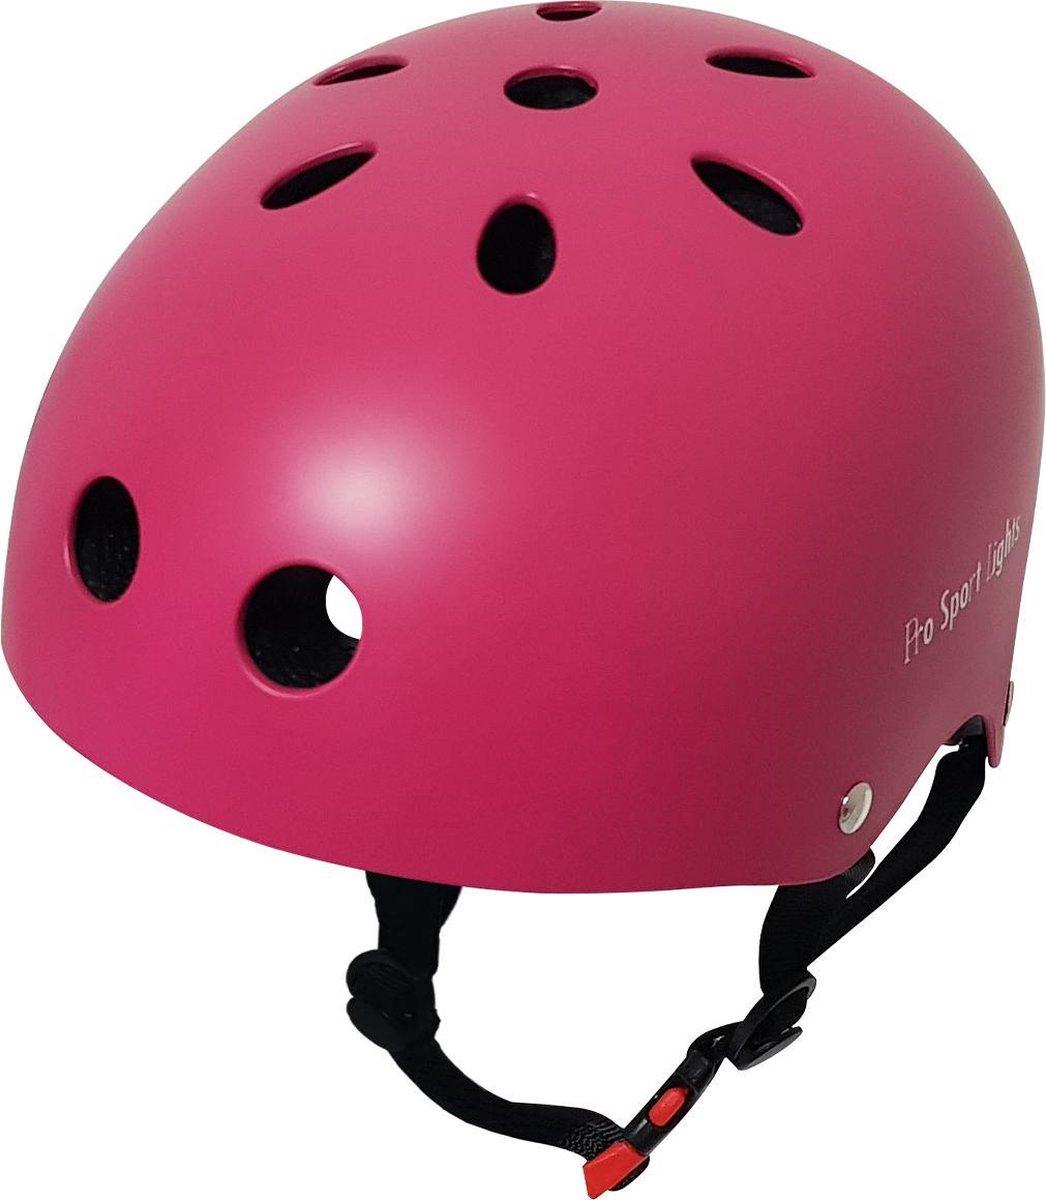 Kinderfietshelm Pro Sport Lights - skate Fietshelm voor kinderen - Pink - kinderhelm 50 - 56 cm